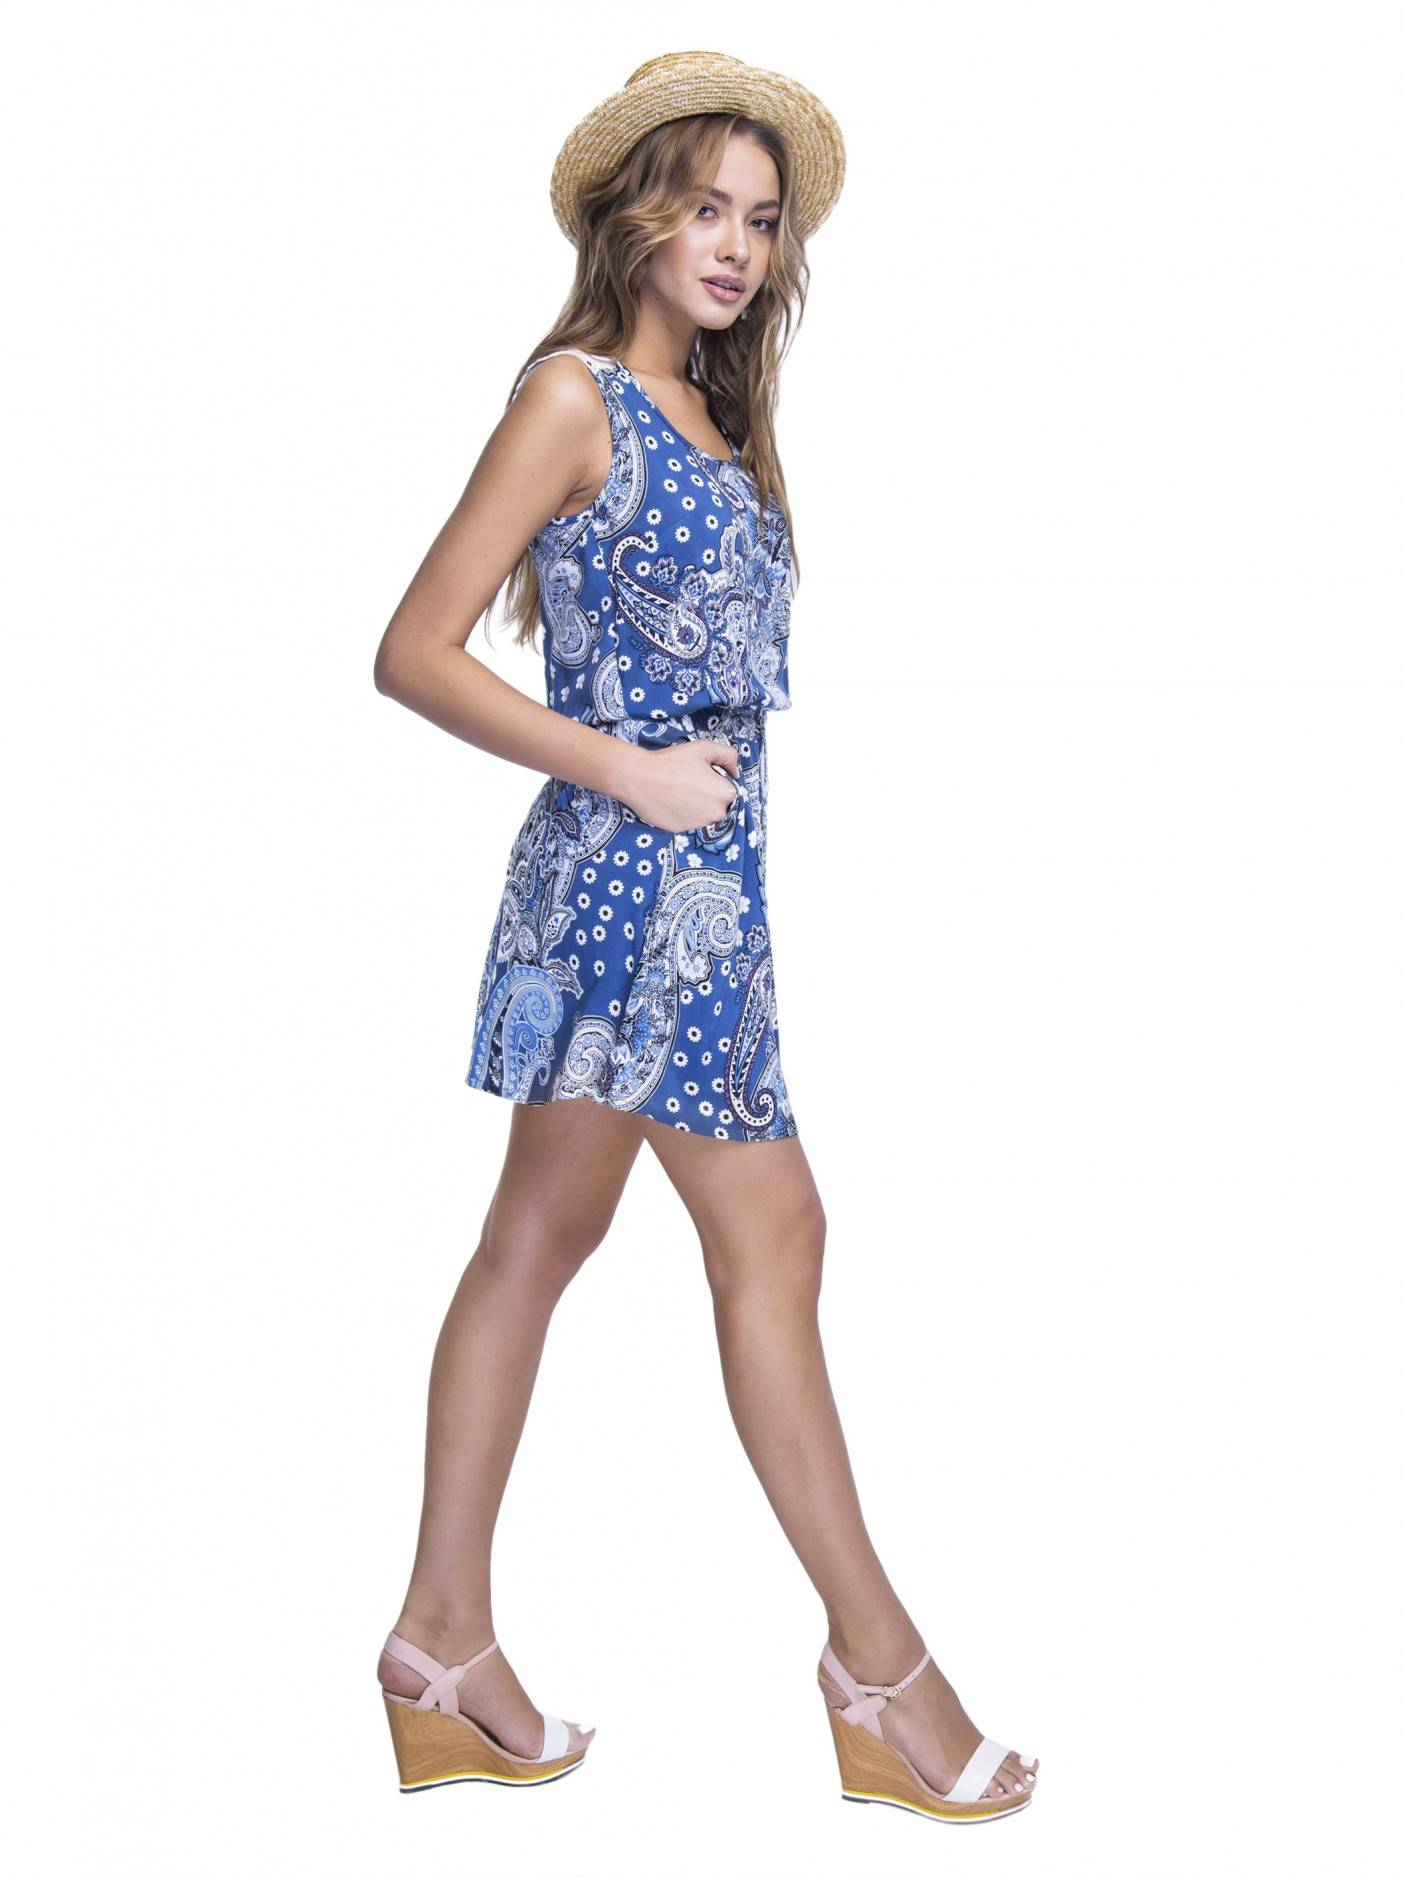 26883ea882d ᐅ Купить платье LPL 529 цвет синий 🛍 в интернет магазине Conte с ...